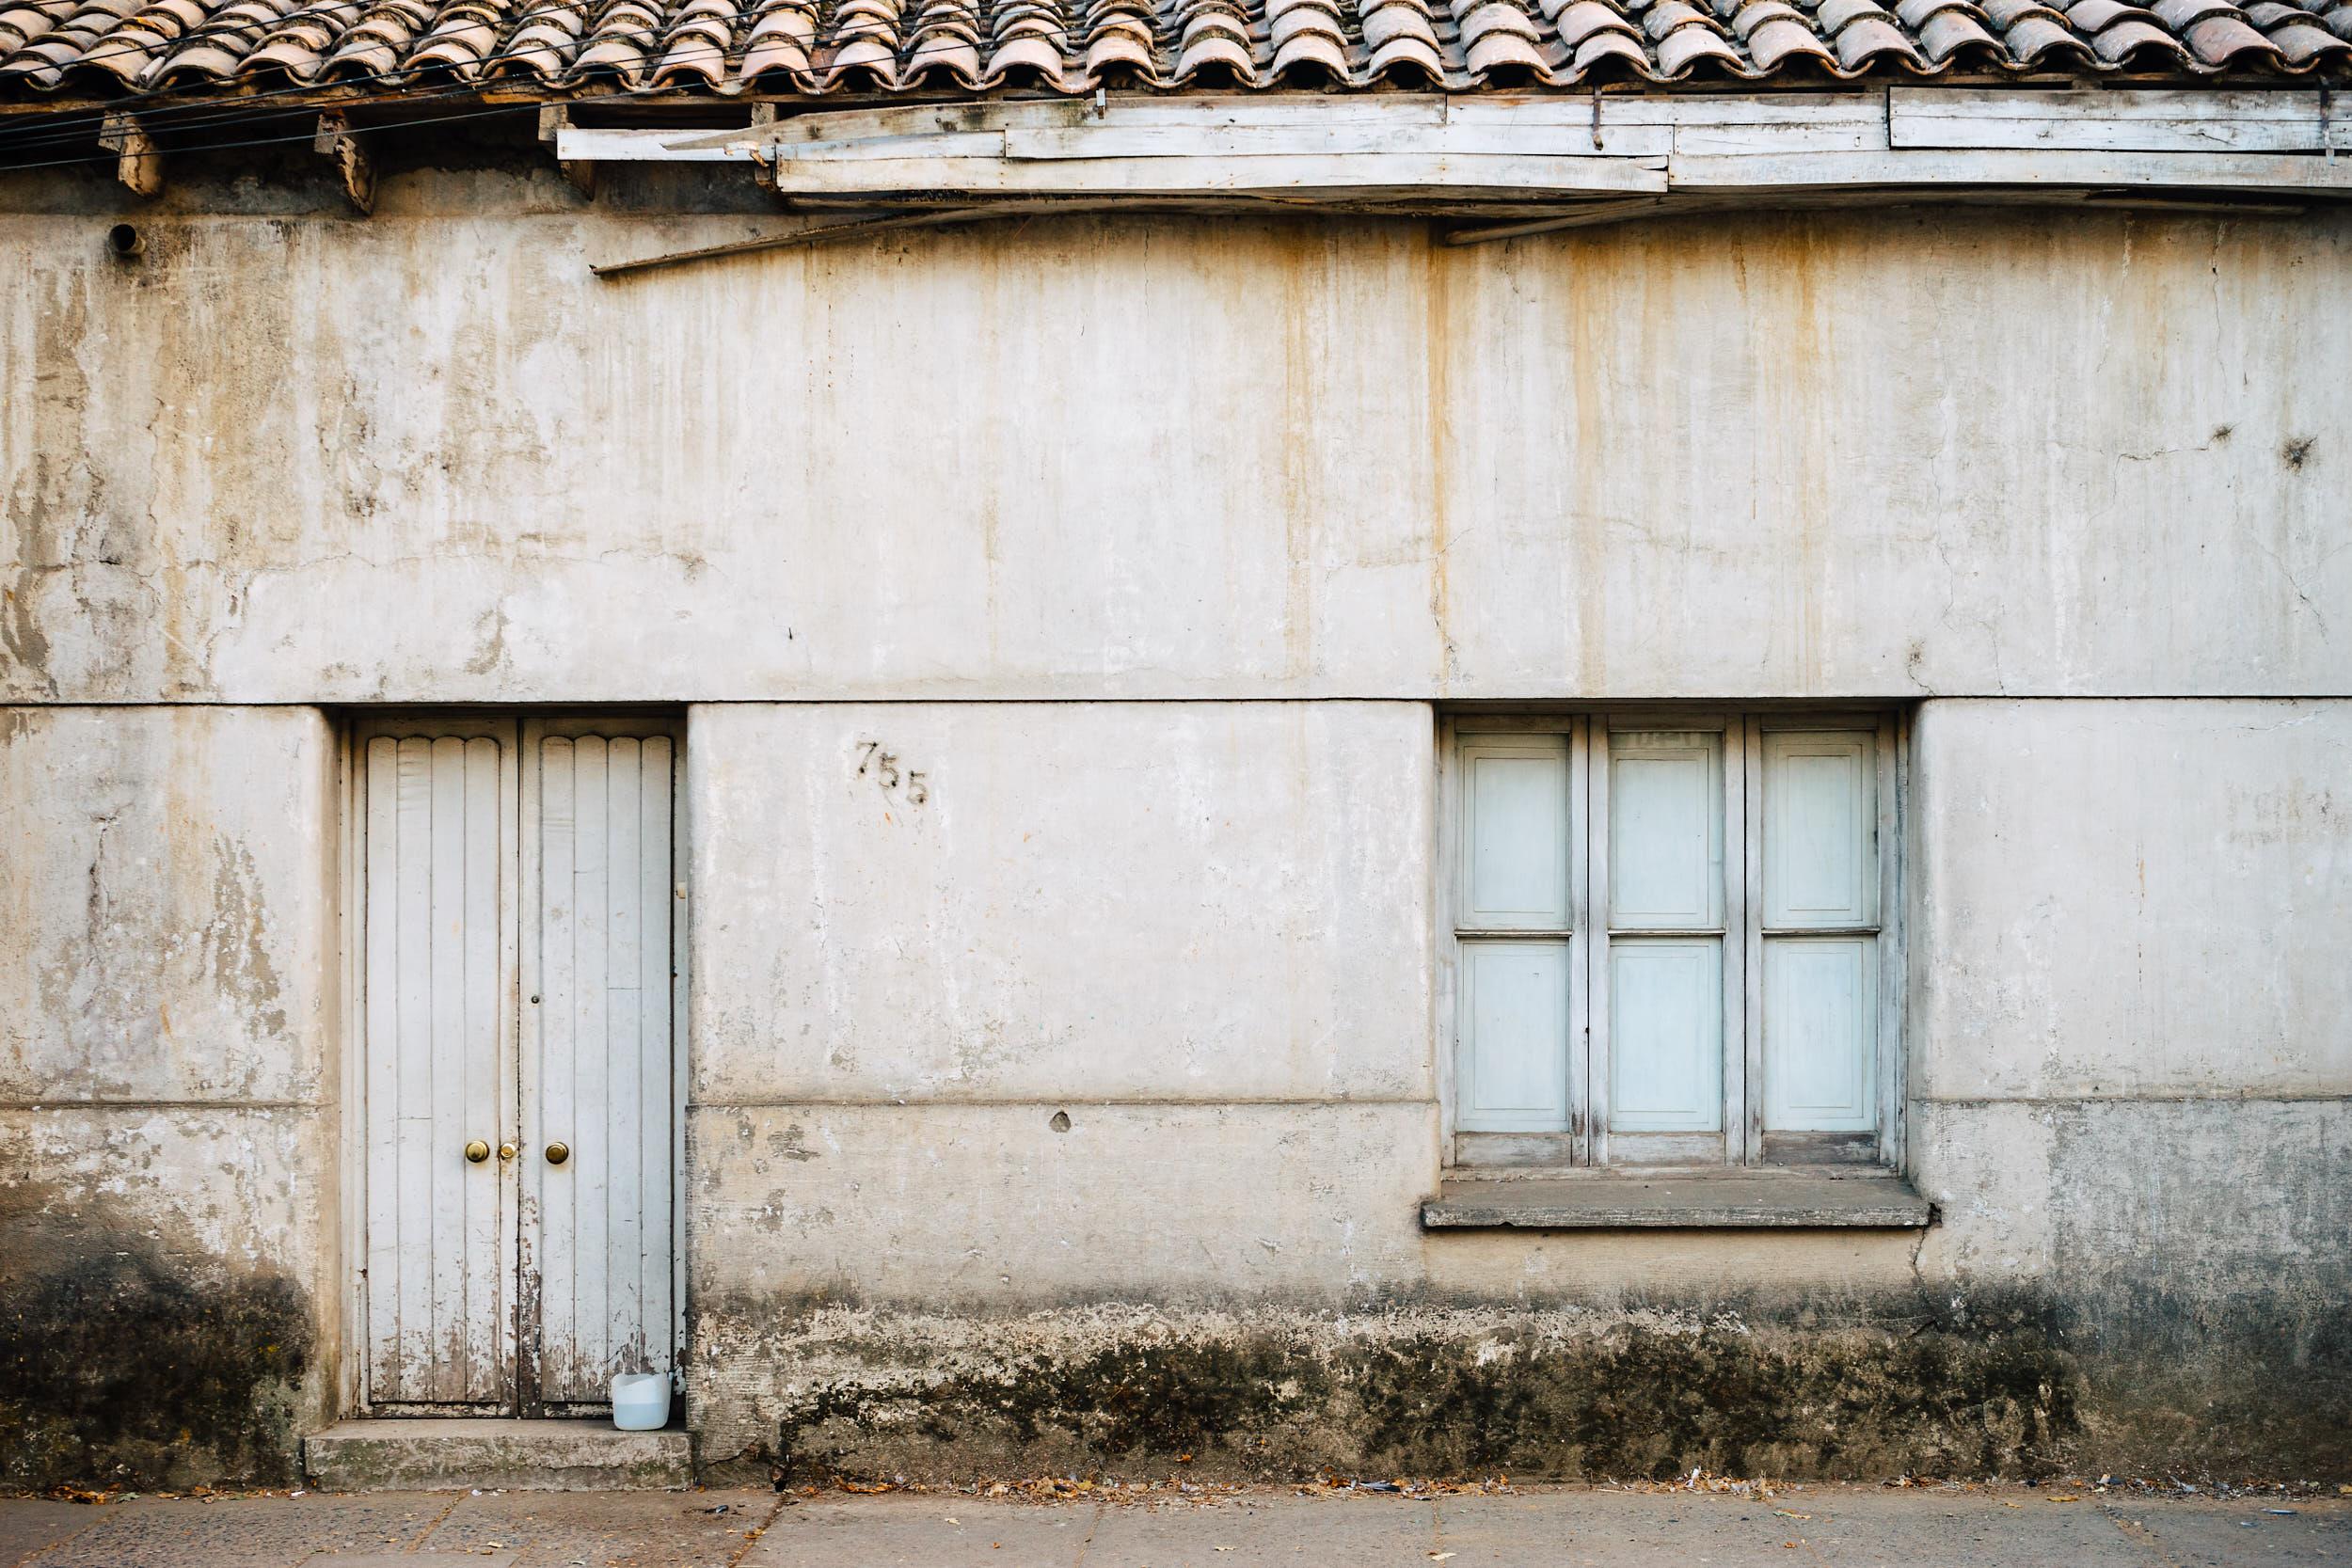 El lugar más pequeño 06 - Felipe Abraham.jpg